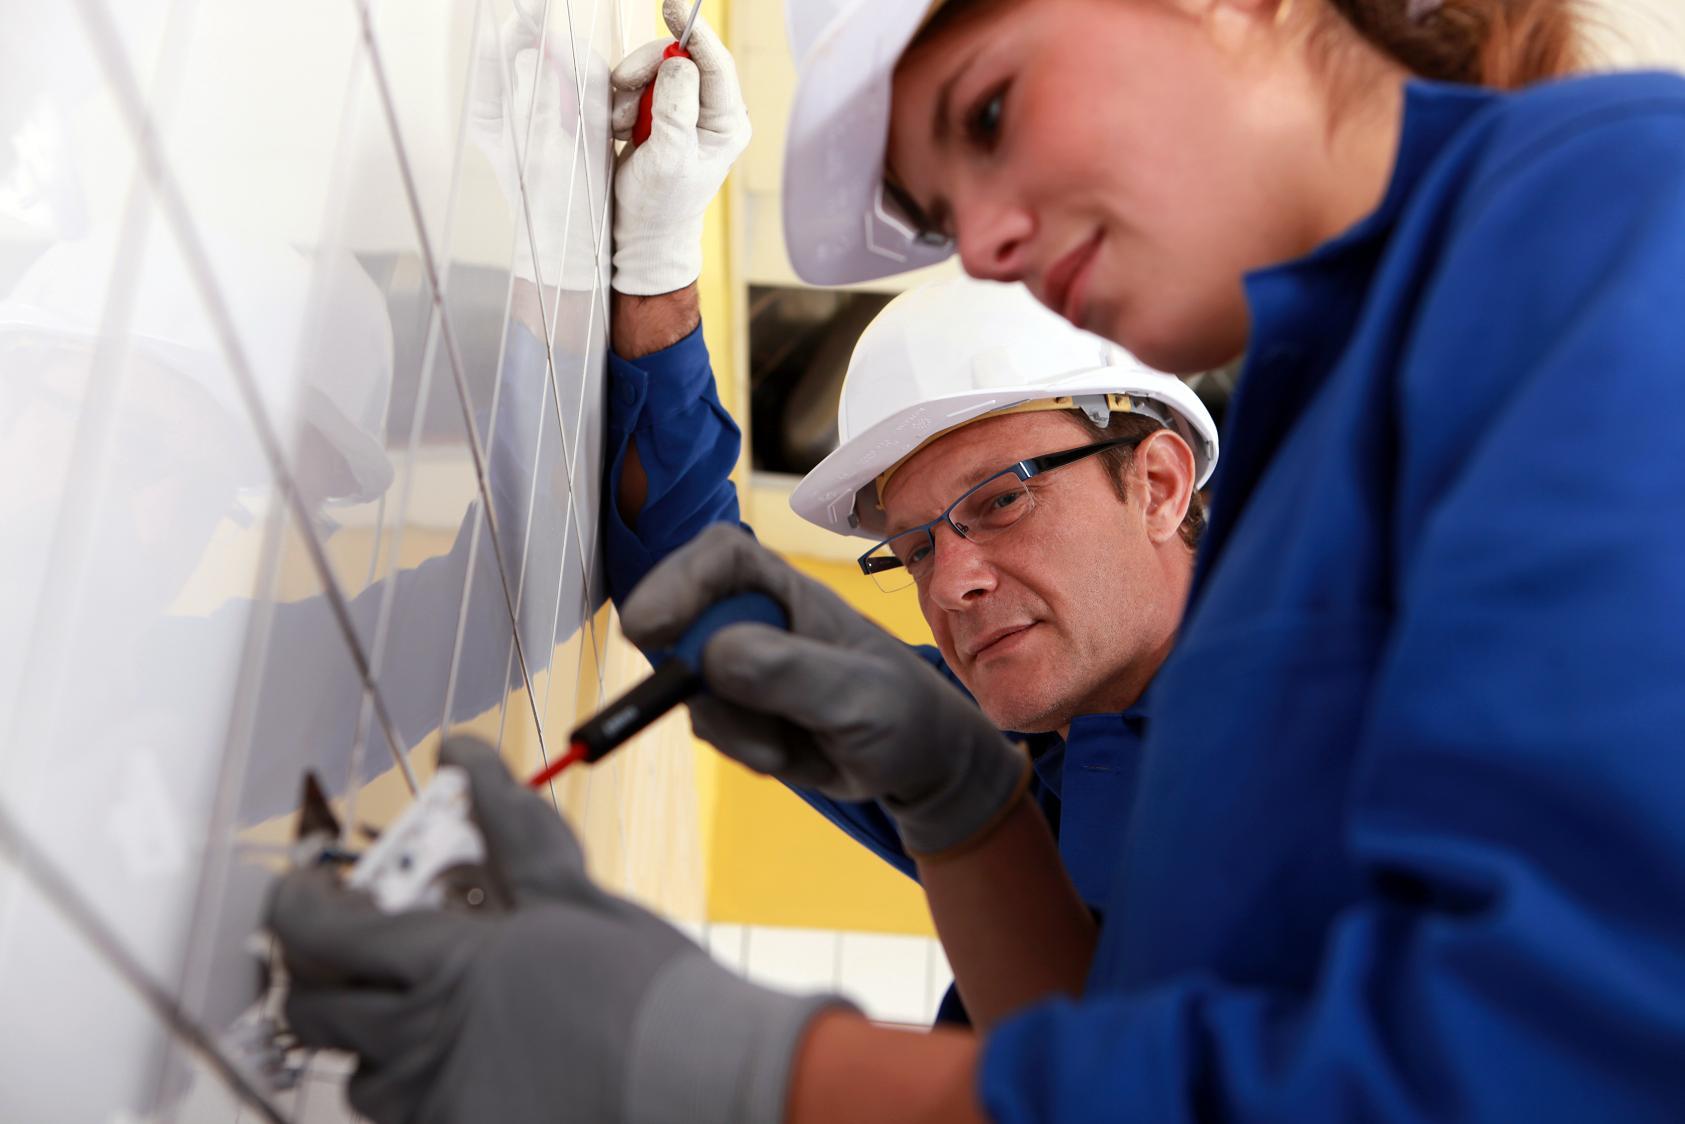 Installazione impianti elettriciMilano